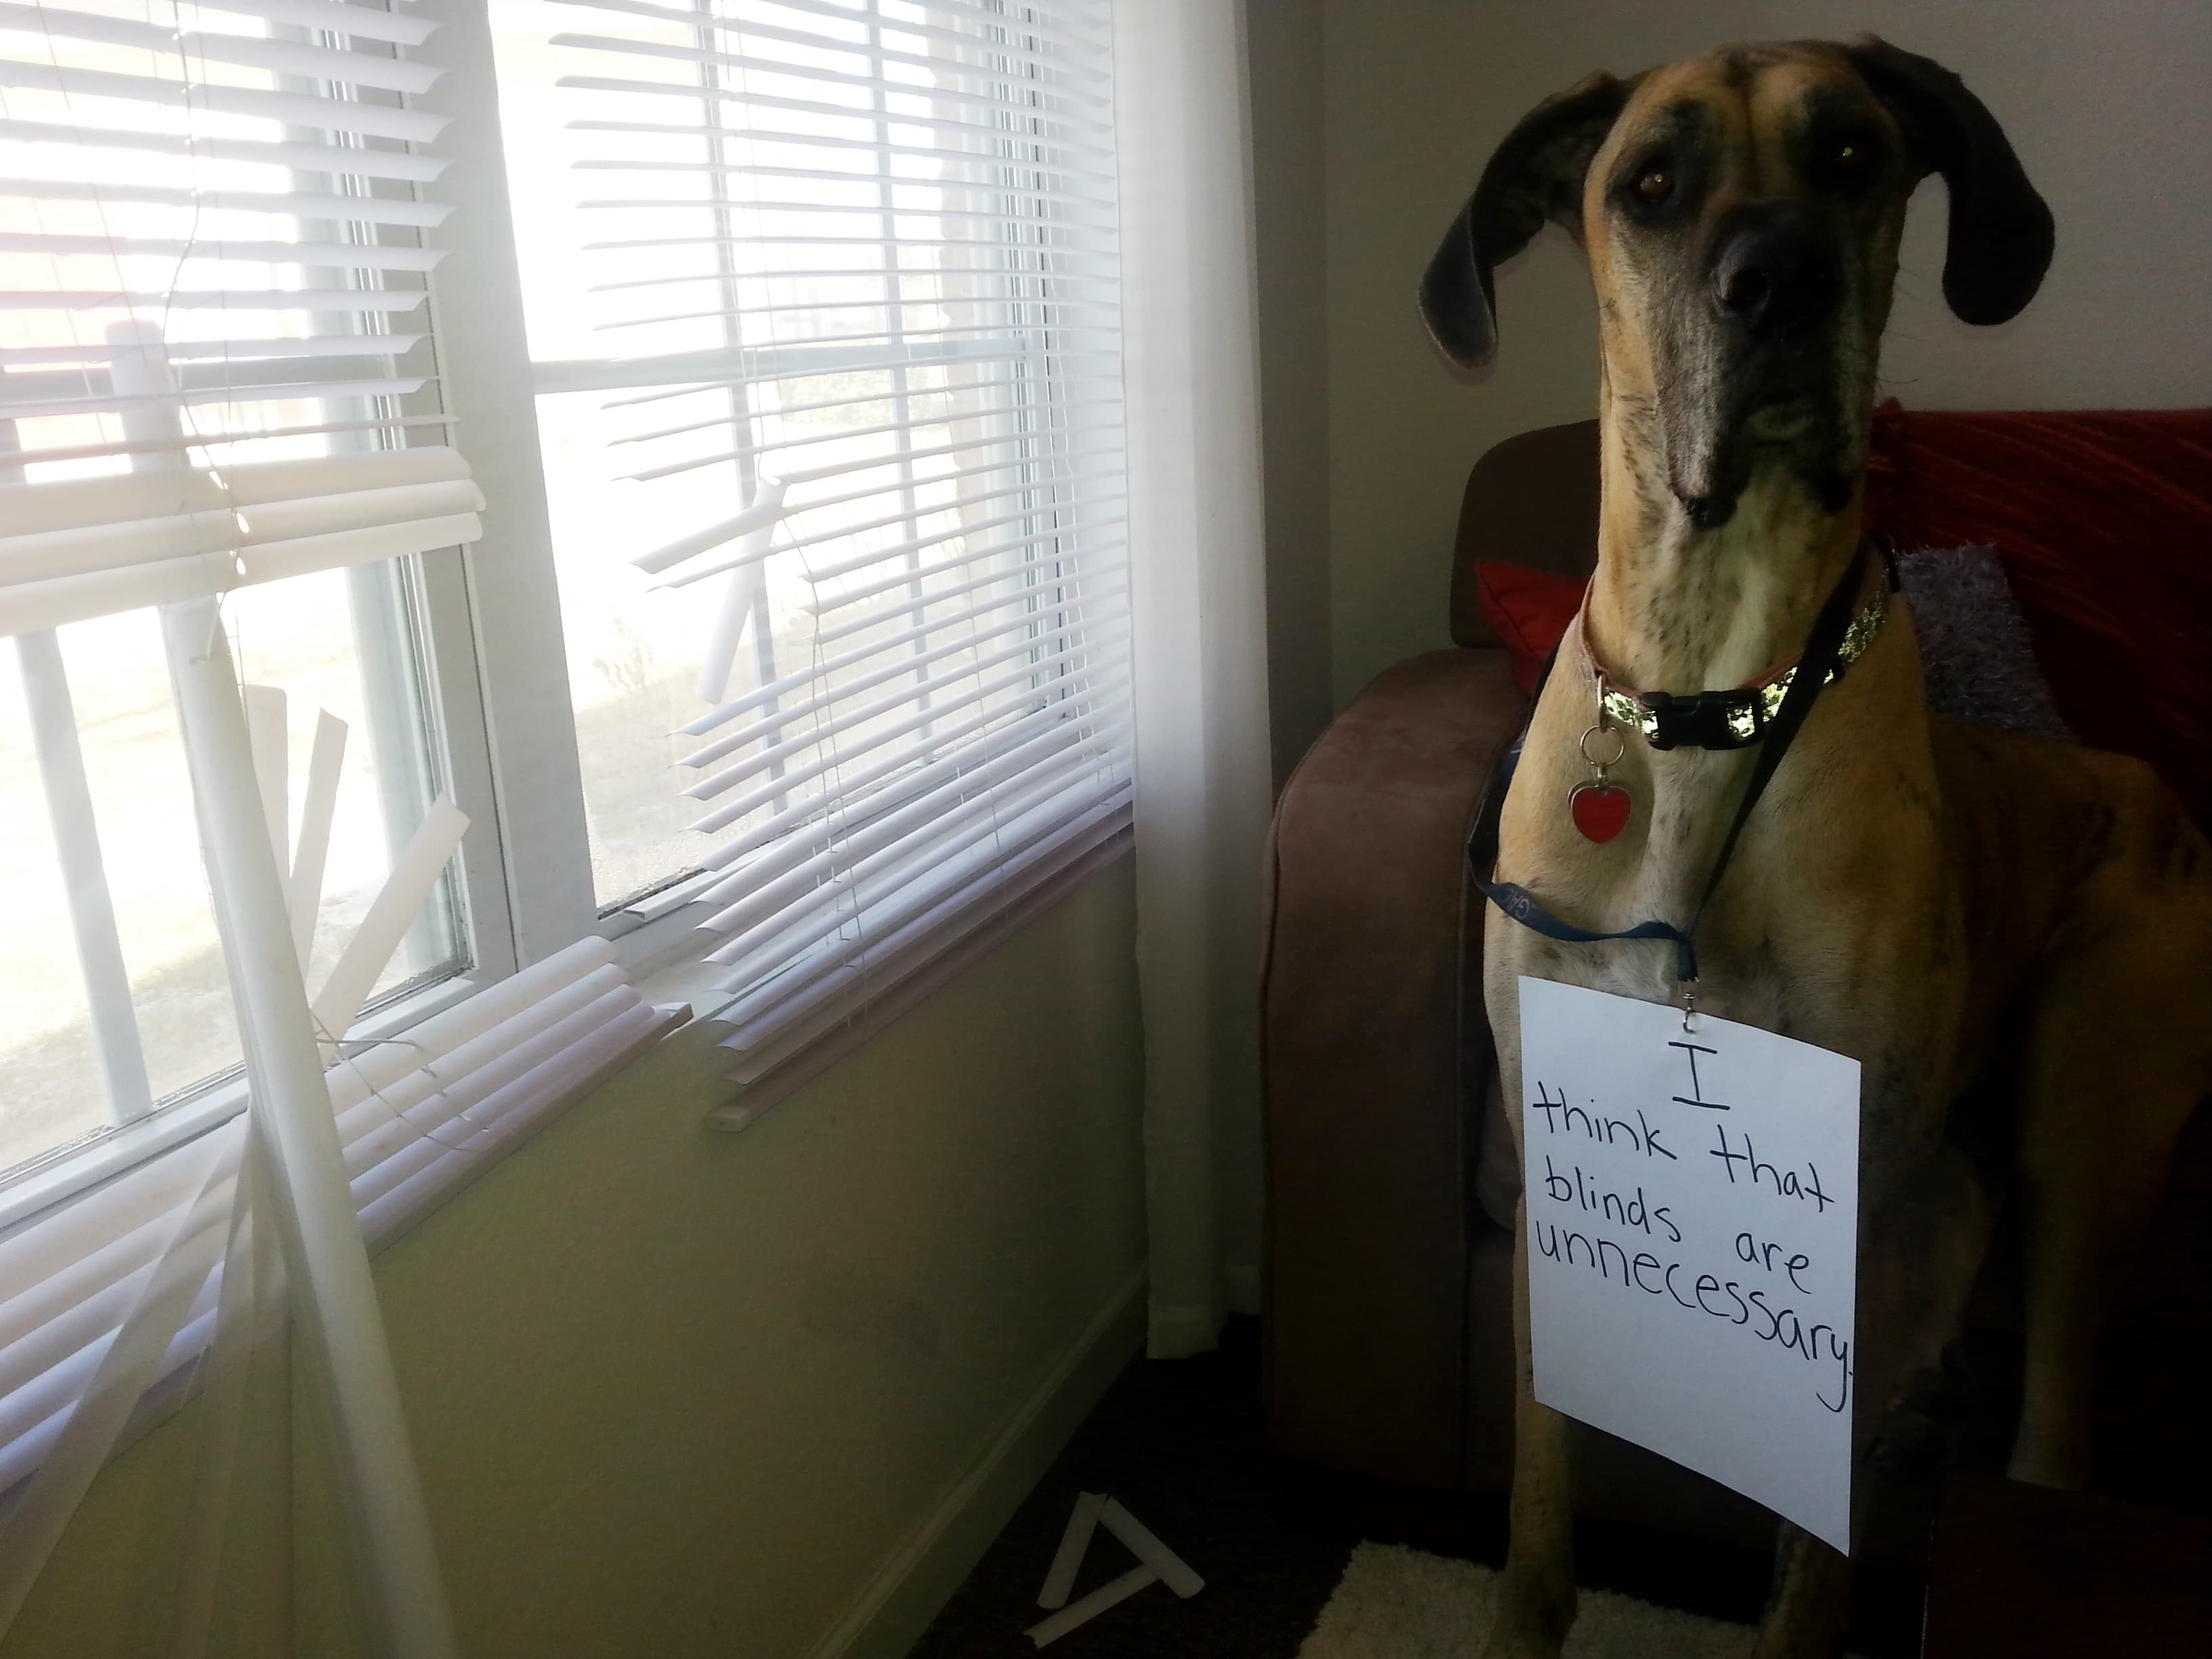 Dog broke blinds